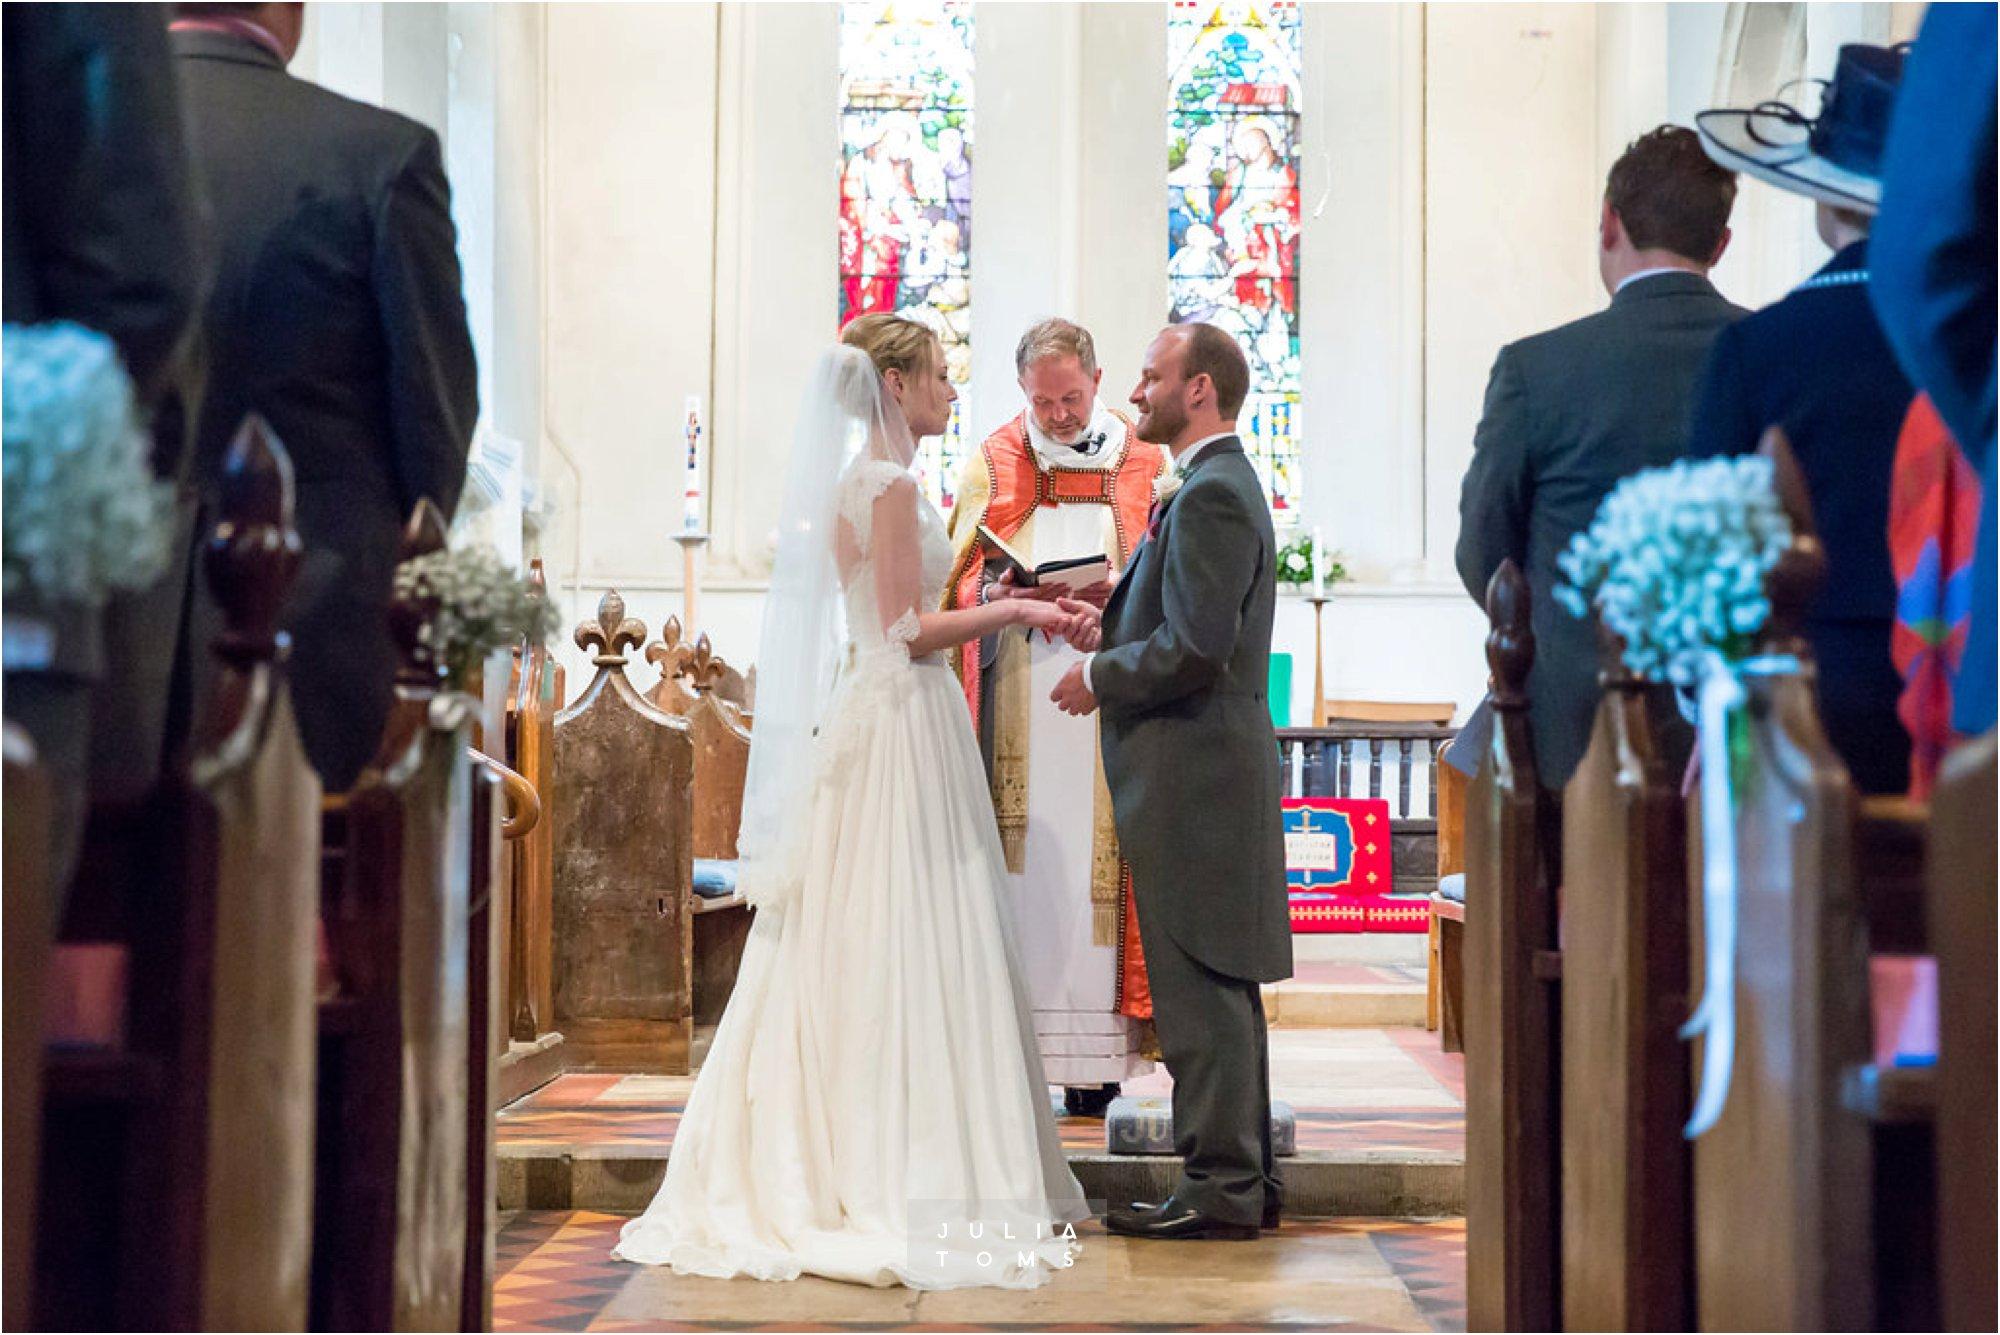 itchenor_wedding_chichester_photographer_030.jpg